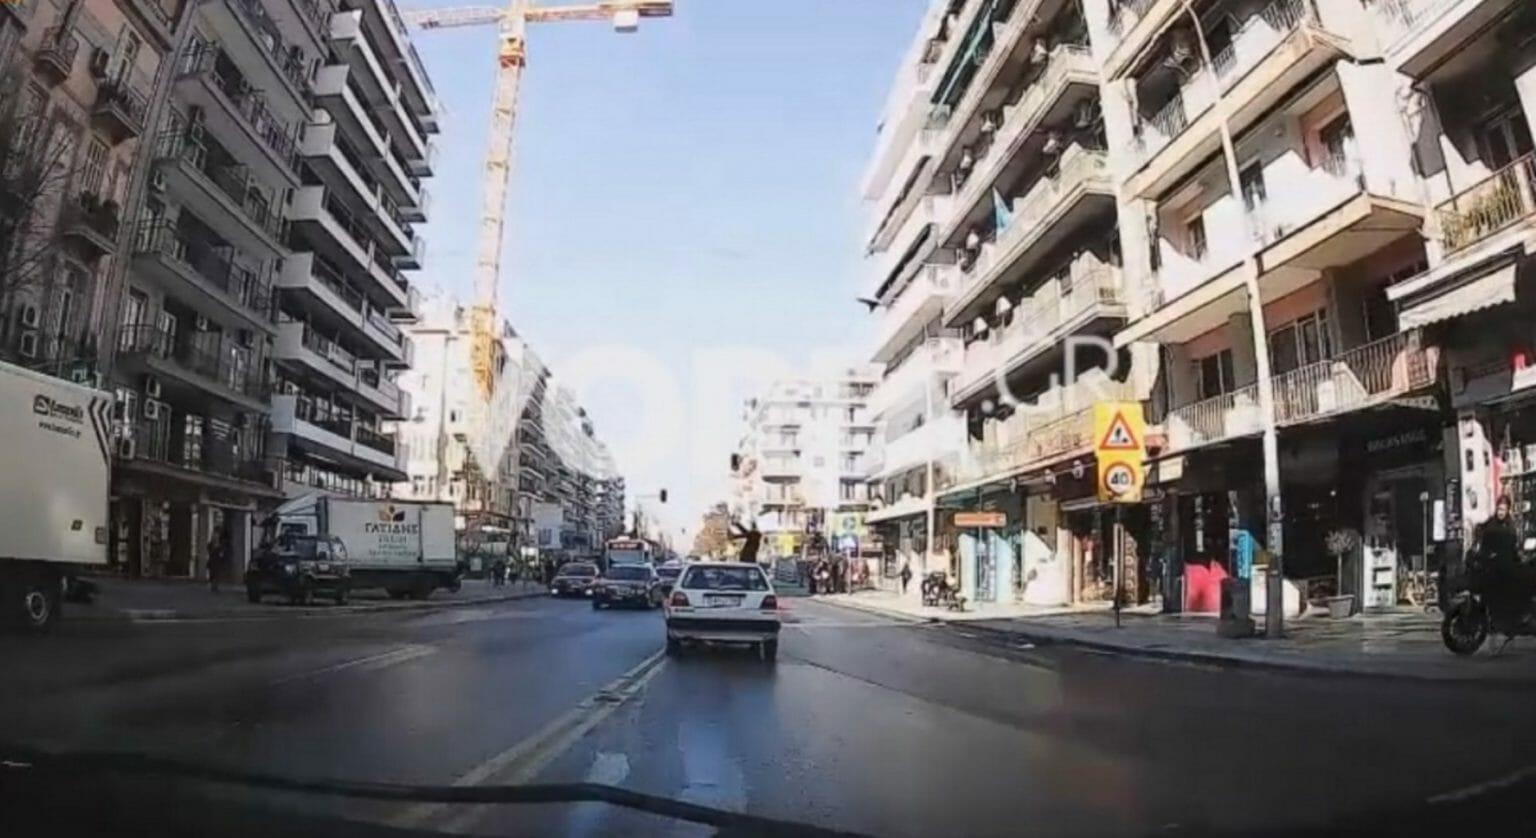 """Βίντεο σοκ από τροχαίο στη Θεσσαλονίκη: Αυτοκίνητο """"εκτοξεύει"""" γυναίκα στον αέρα"""